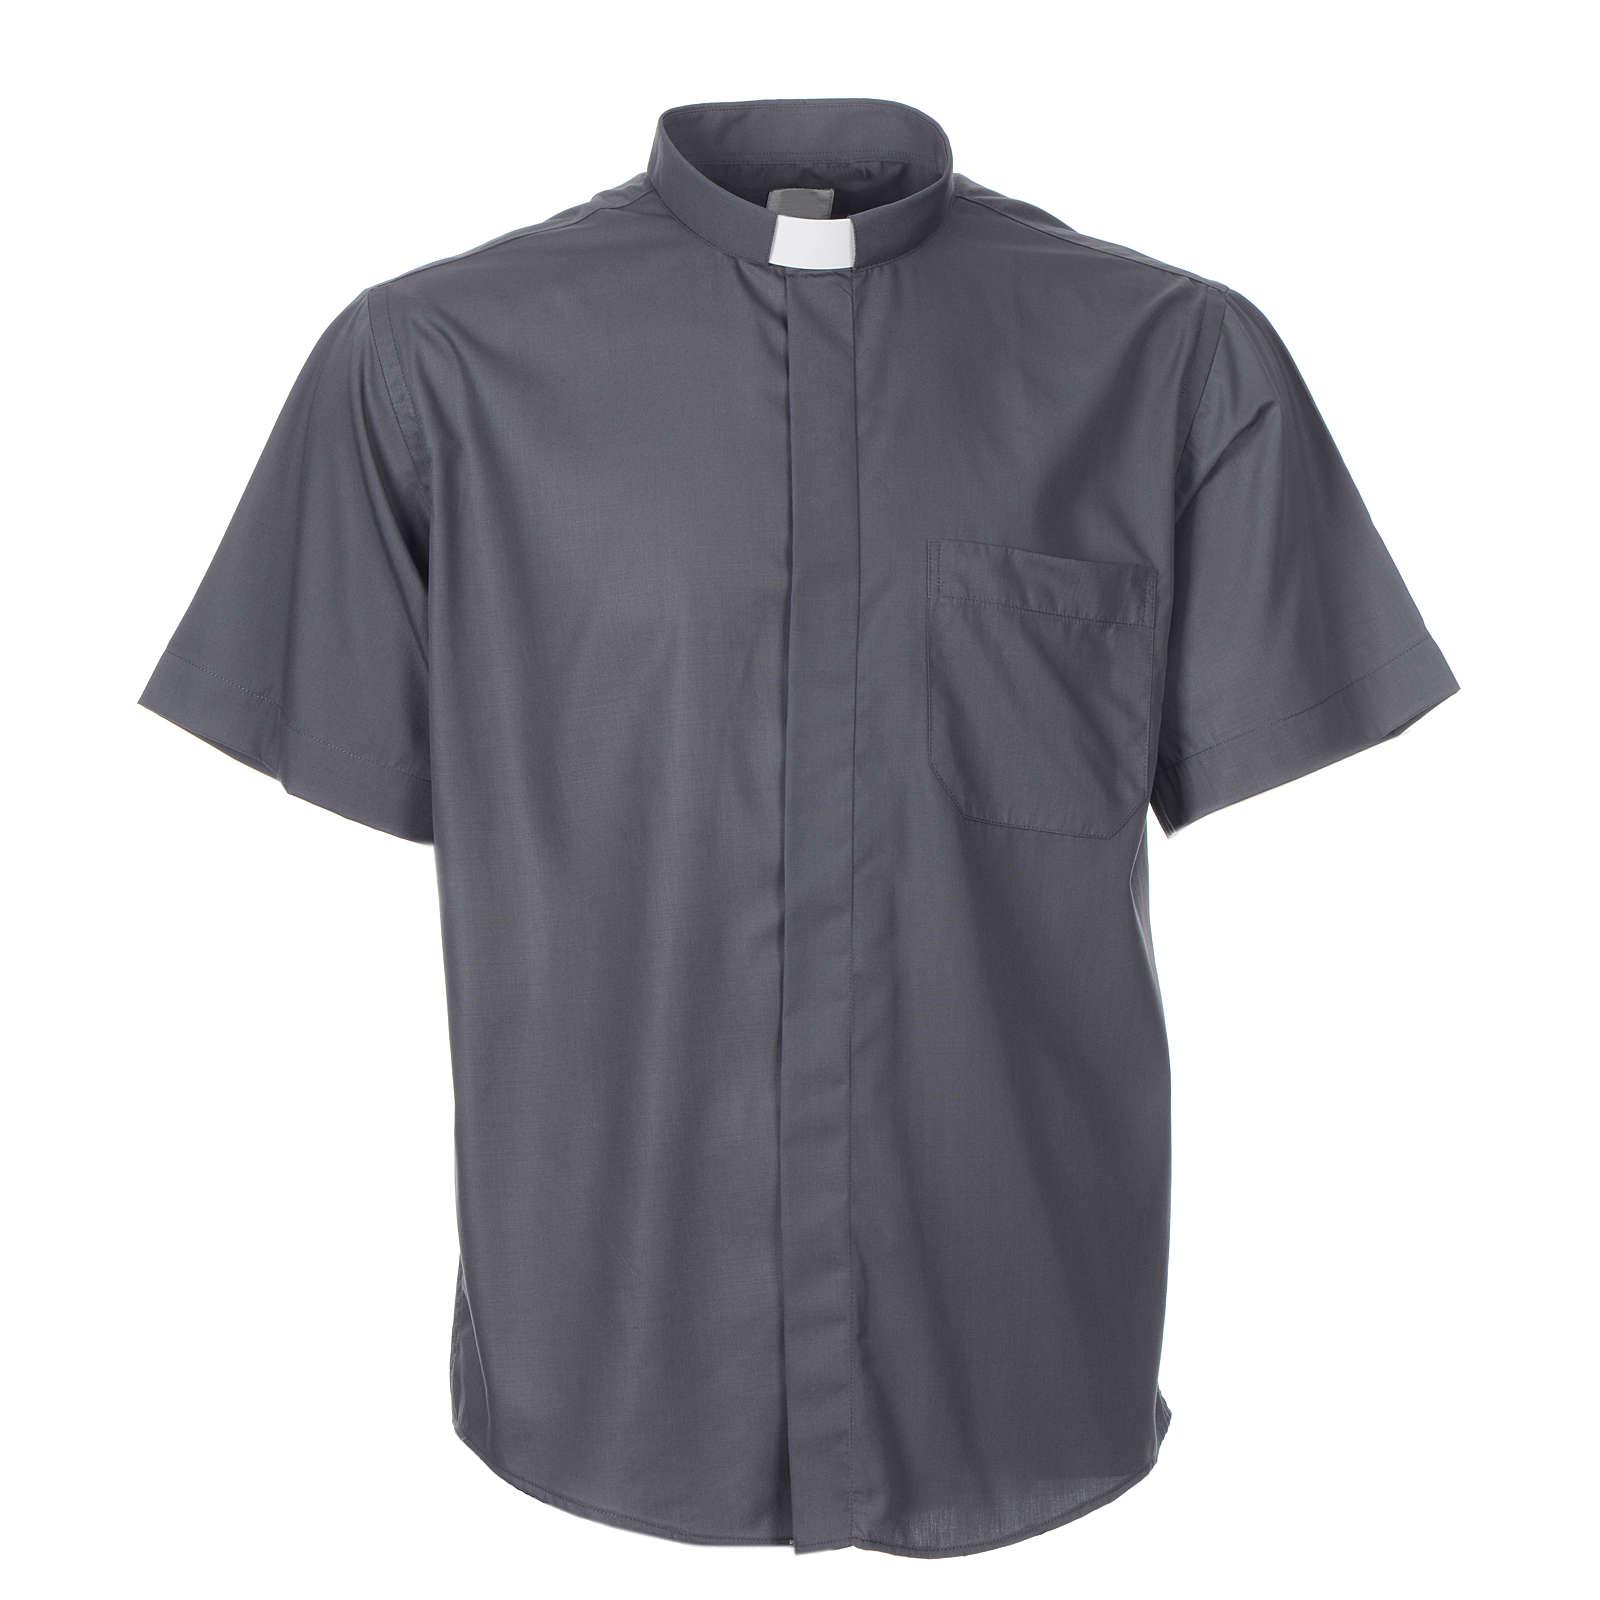 STOCK Koszula kapłańska krótki rękaw bawełna mieszana 4